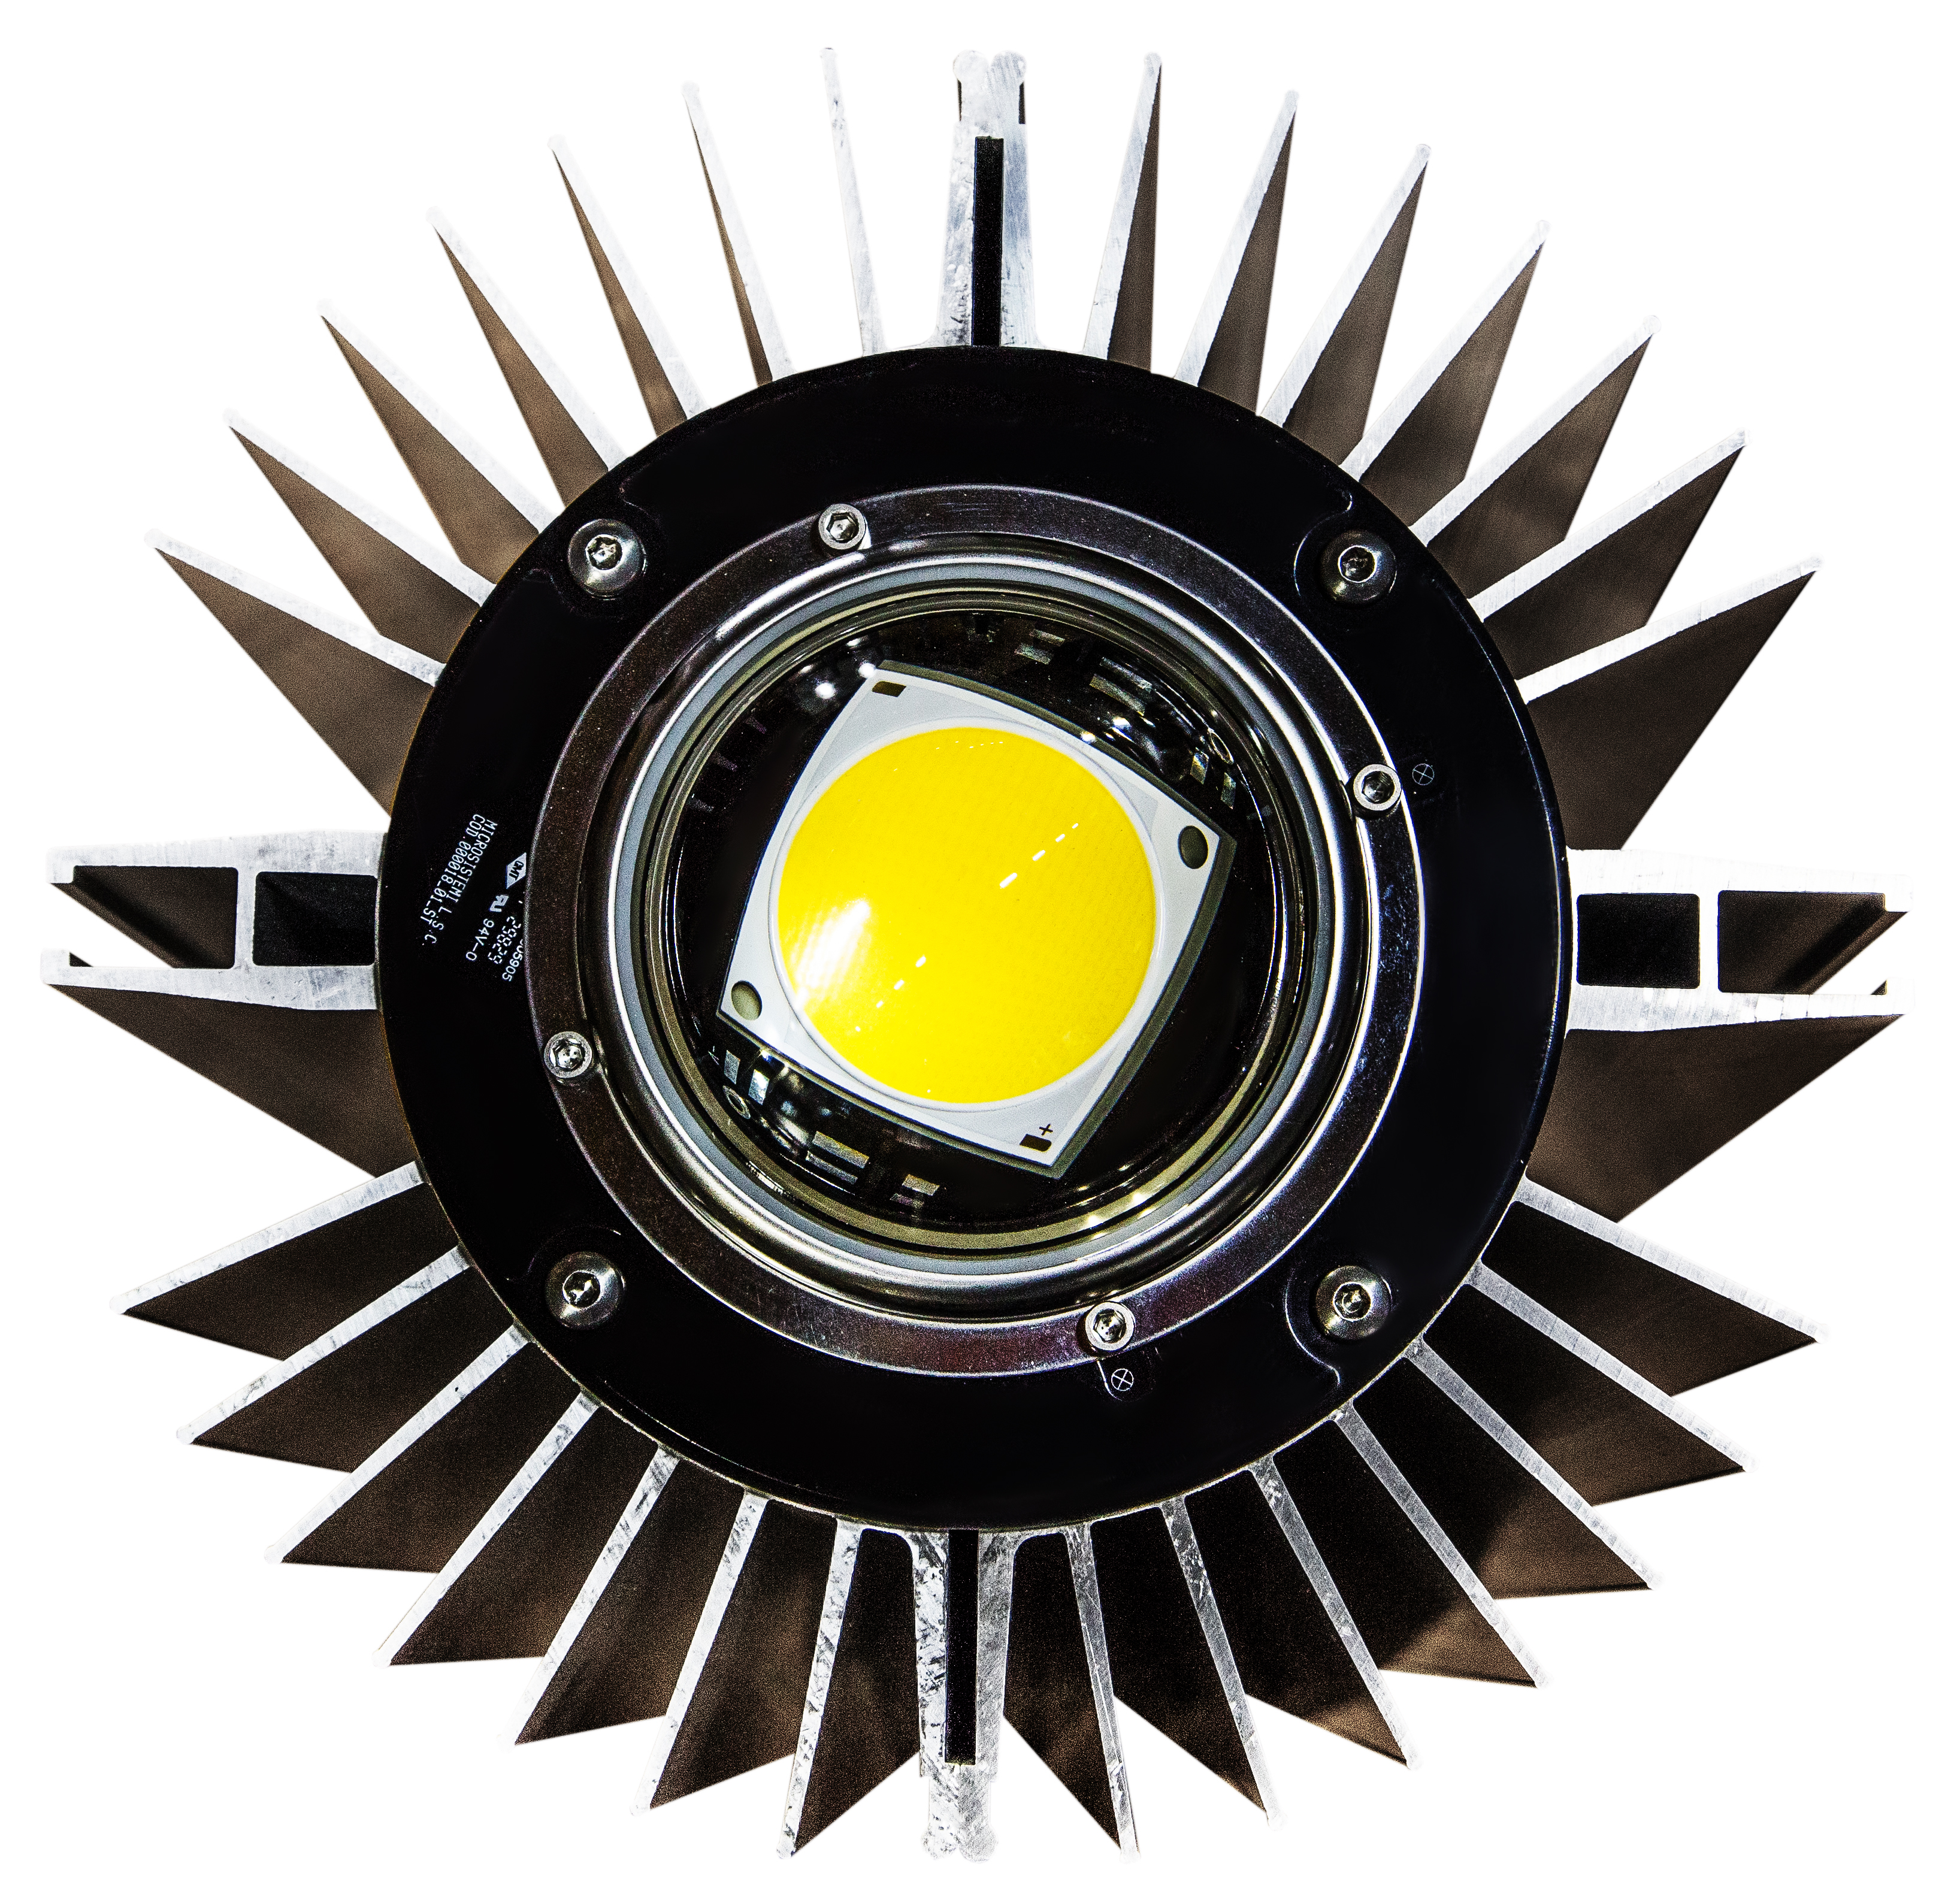 Coblight sistemi di illuminazione for Sistemi di illuminazione